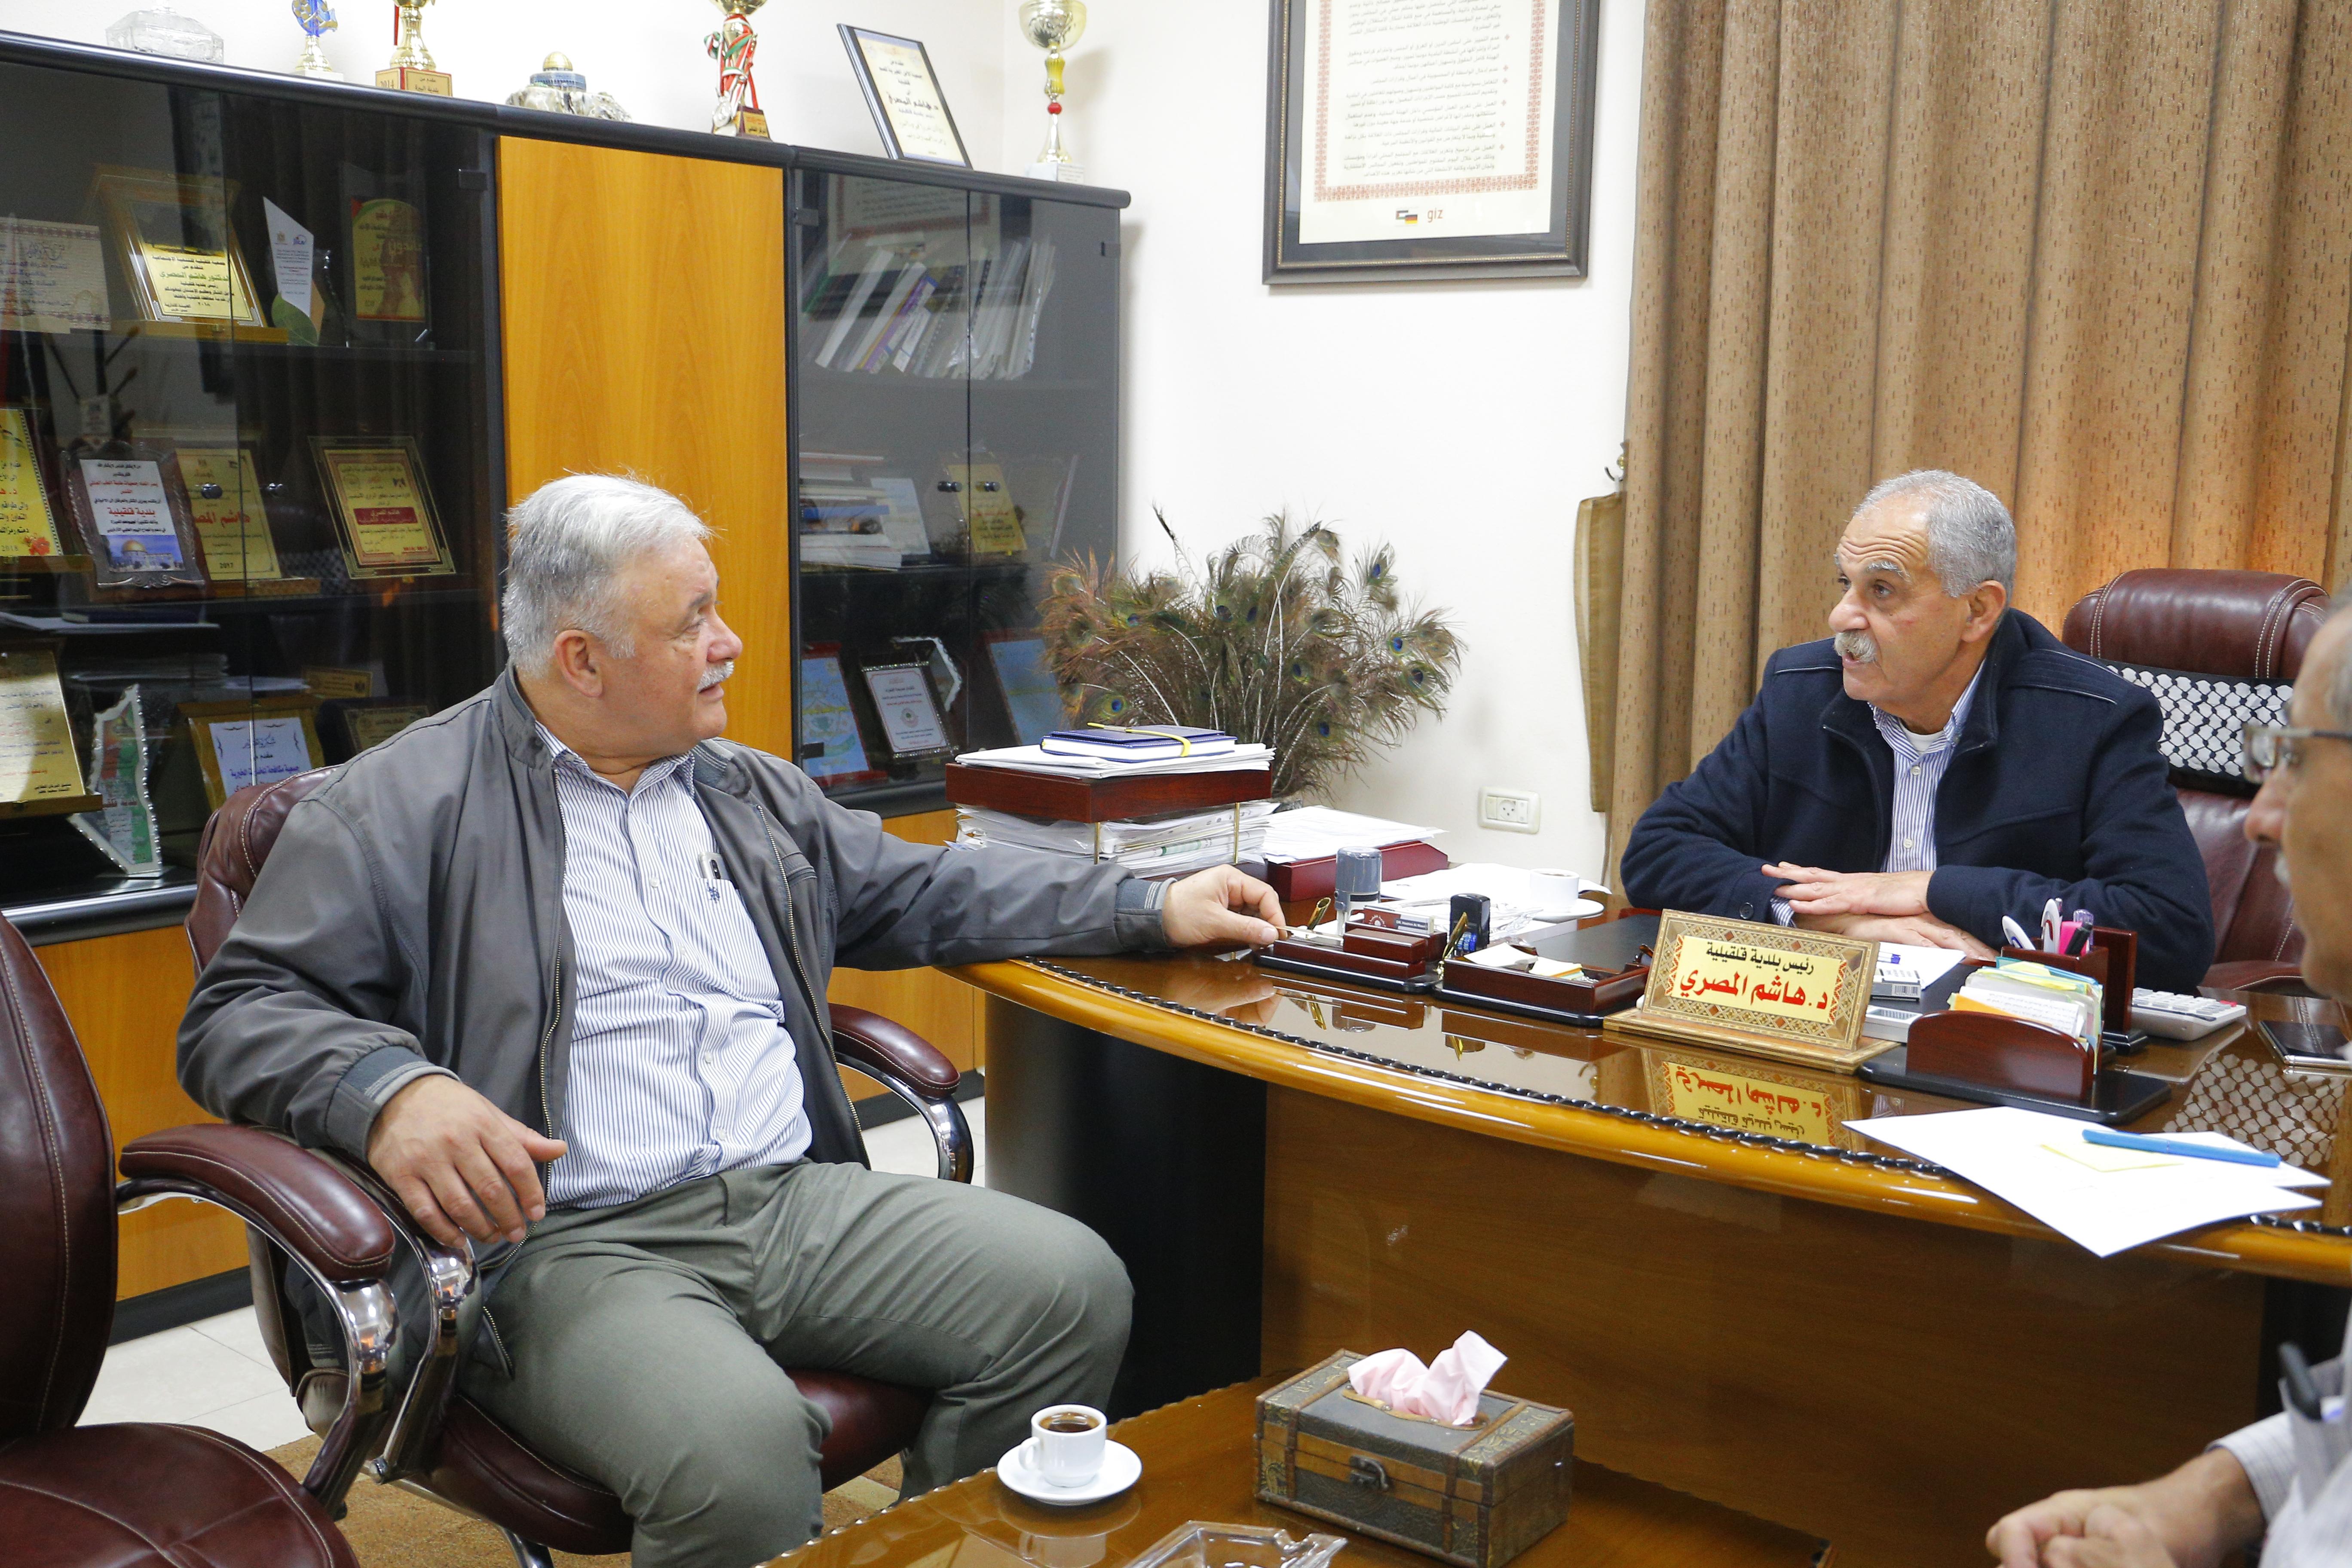 نائب رئيس البلدية يلتقي مدير مستشفى الوكالة الجديد